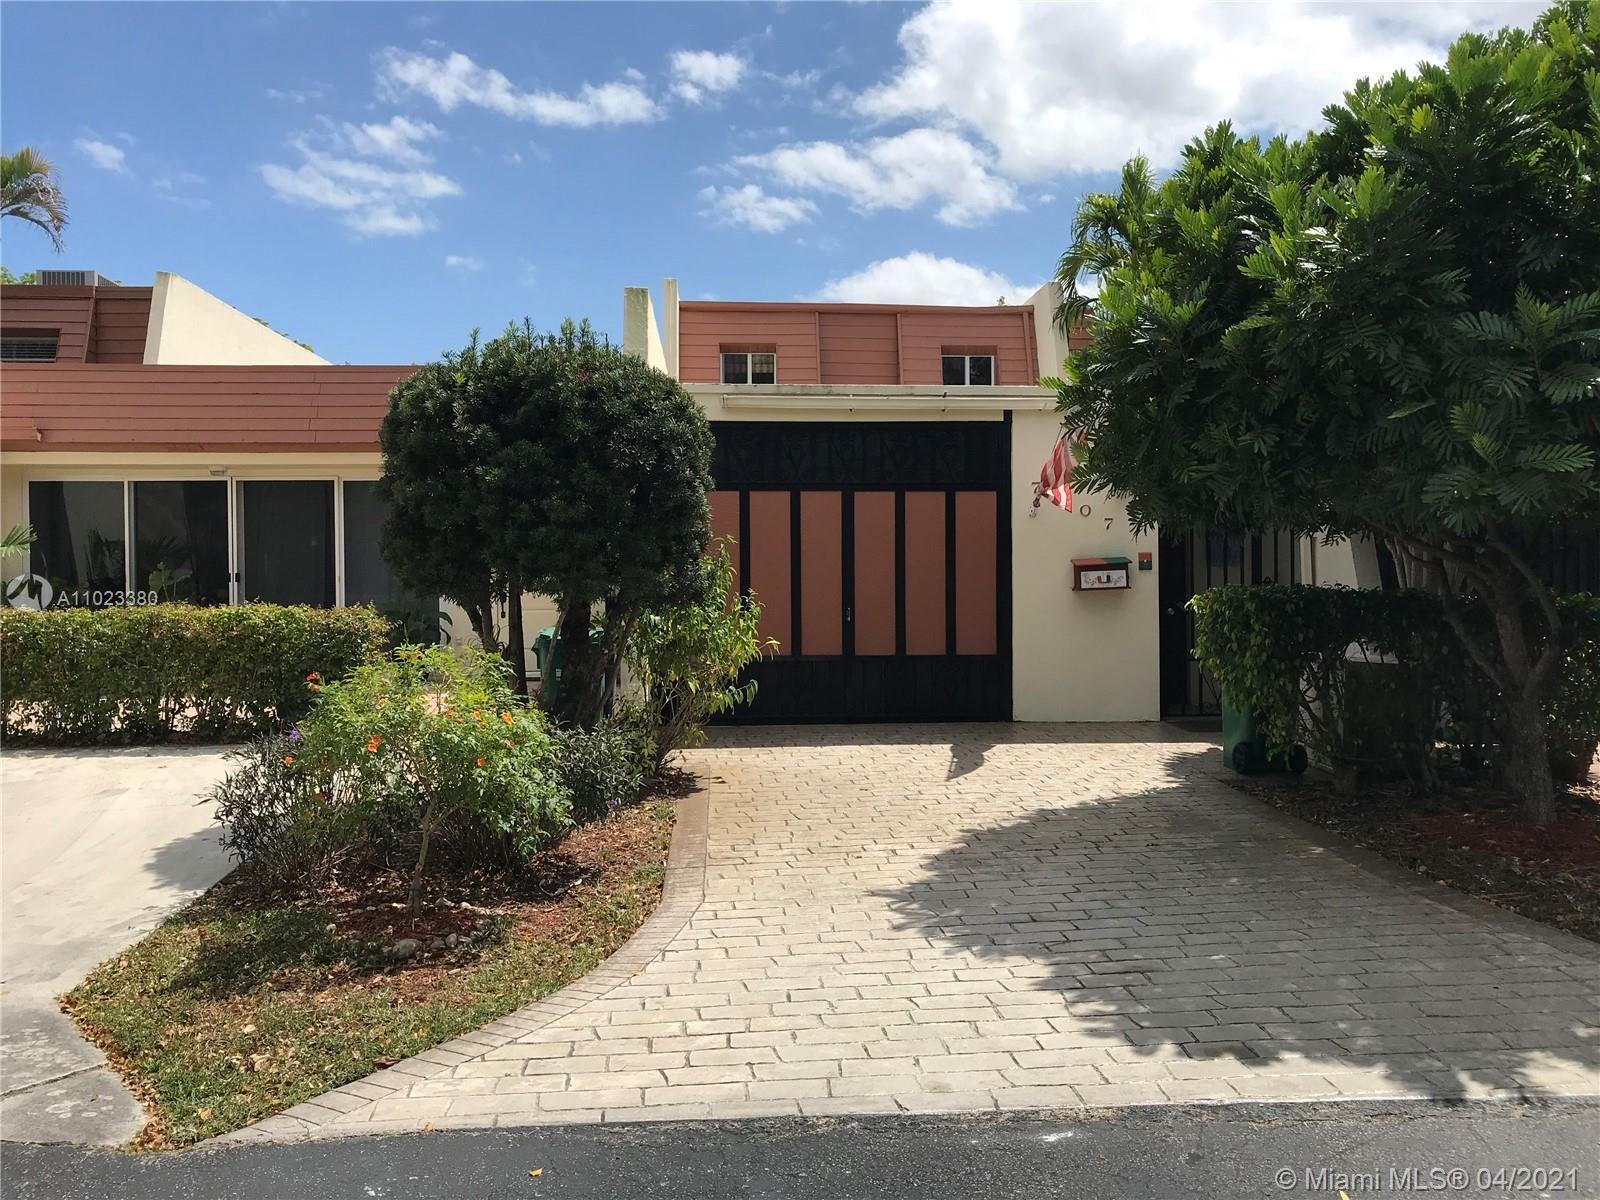 7707 SW 102nd Pl, Miami, FL 33173 - #: A11023380